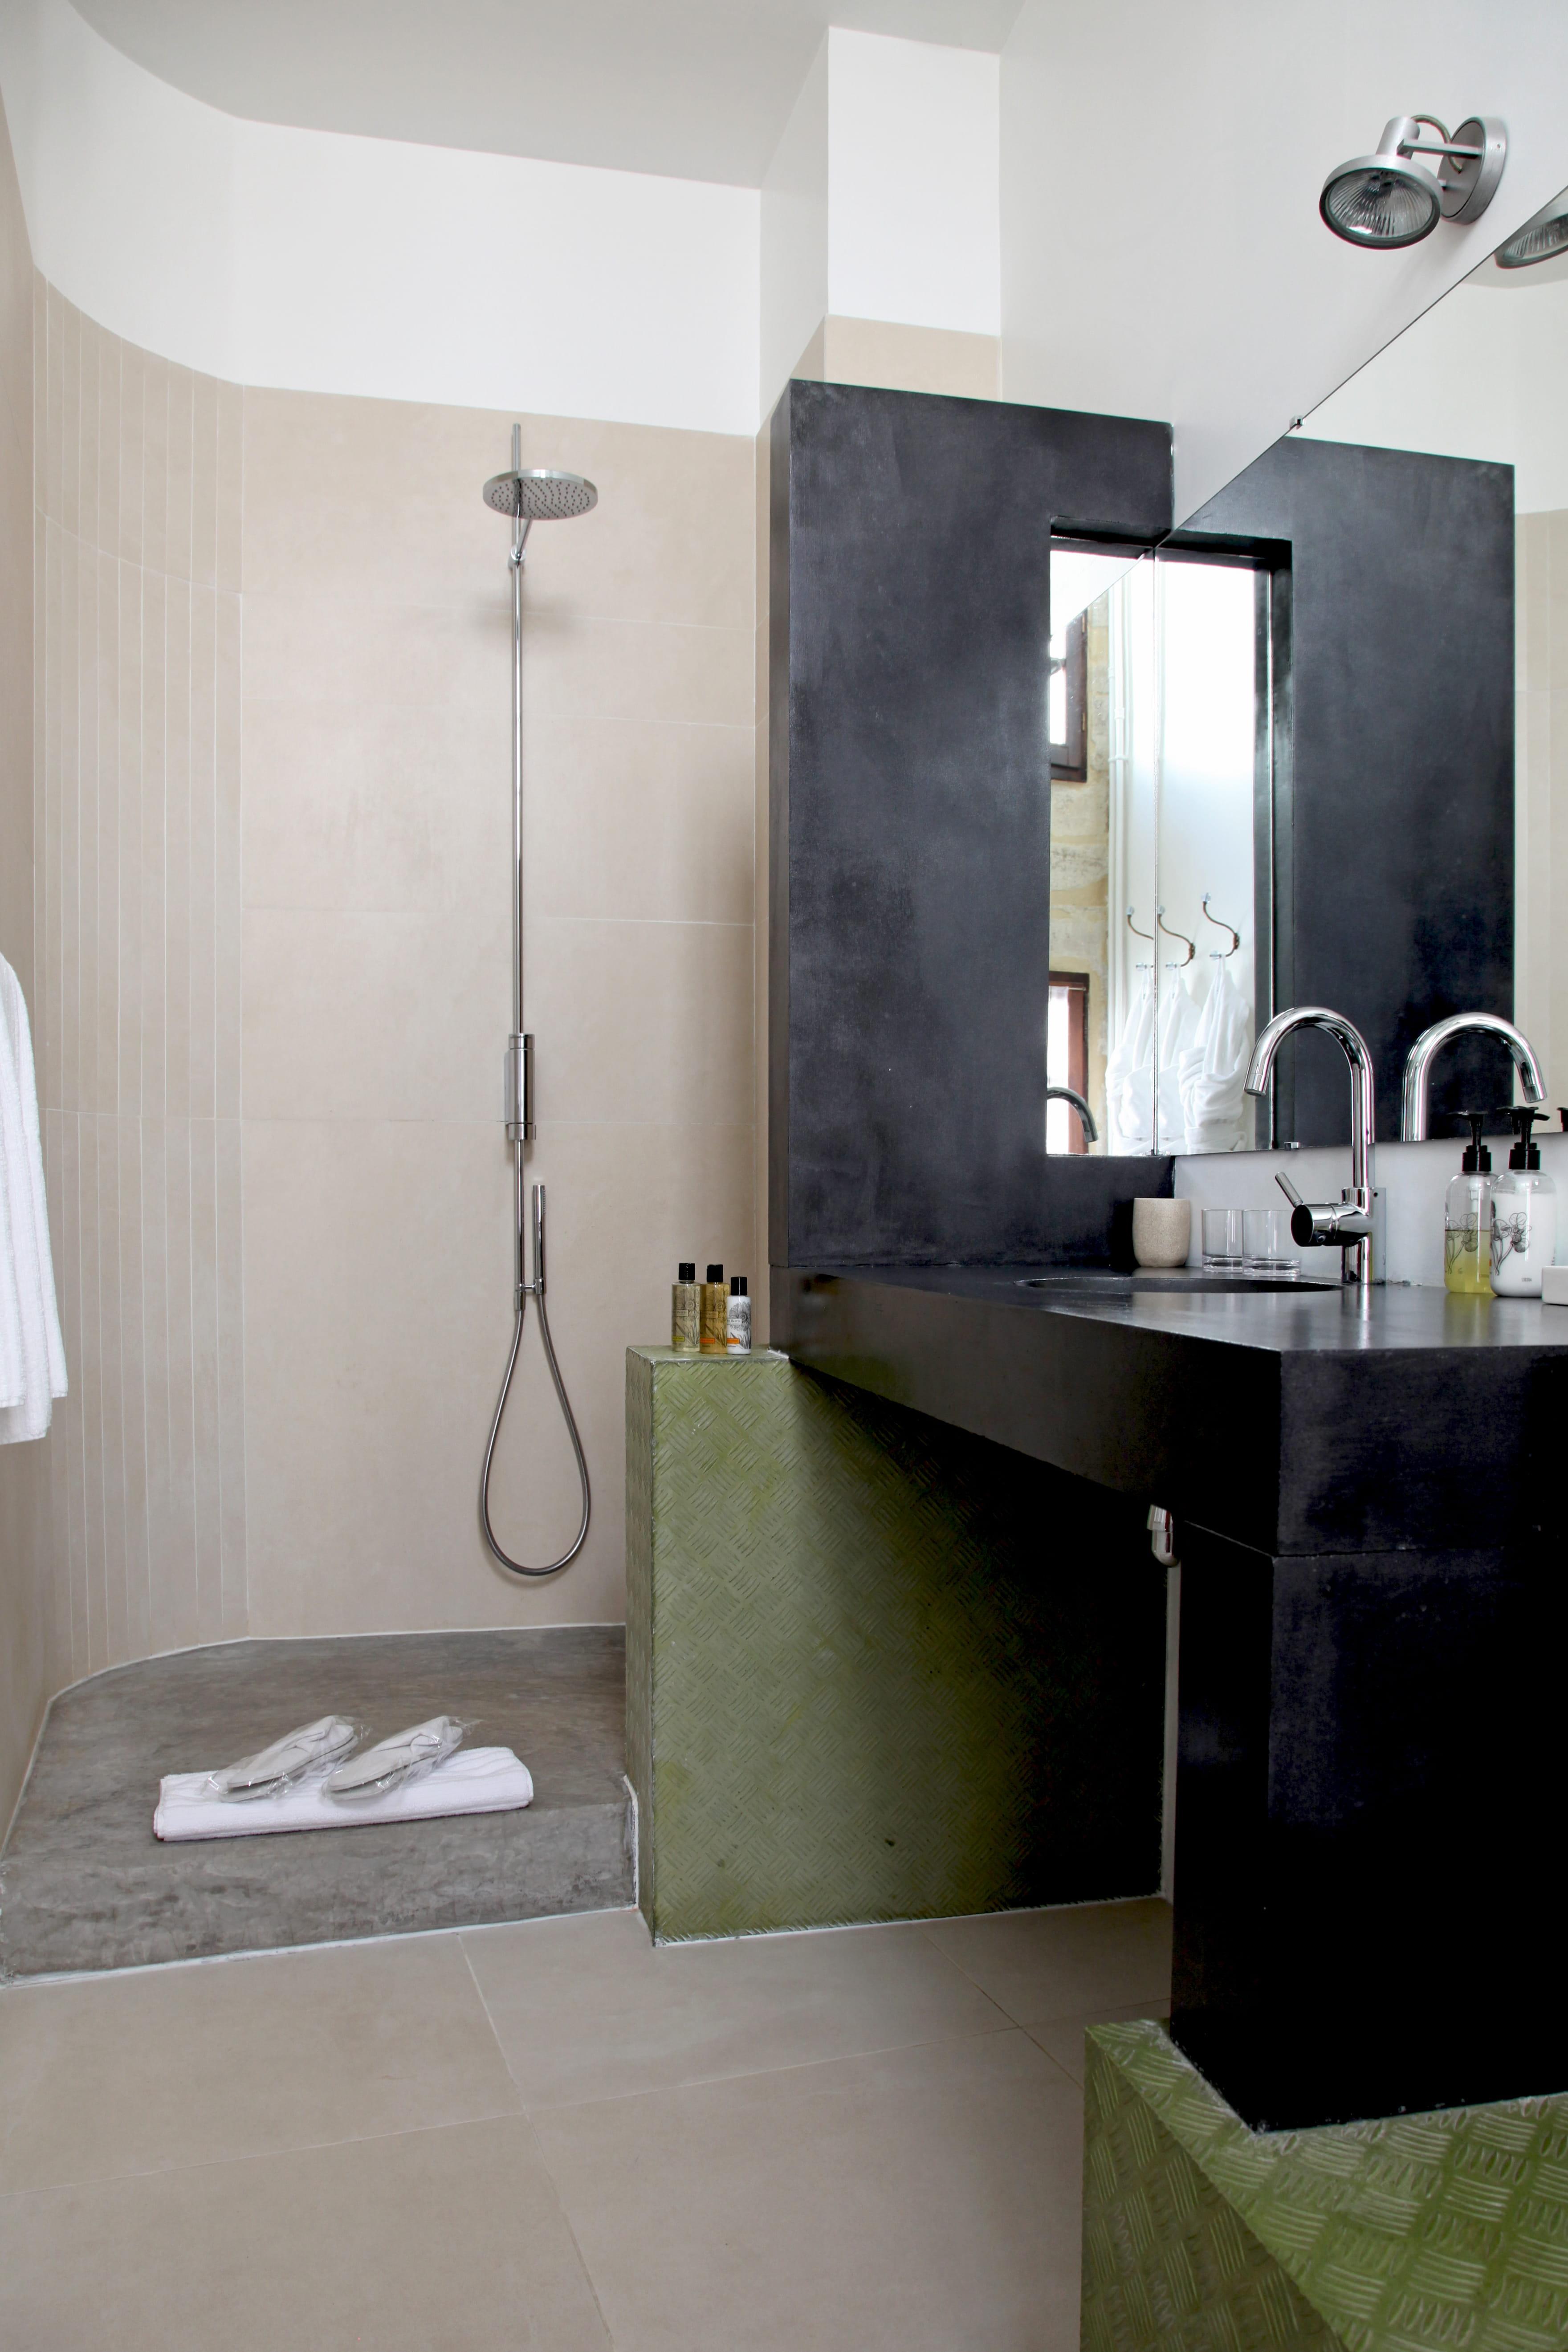 Le b ton dans la salle de bains - Realisation salle de bain italienne ...